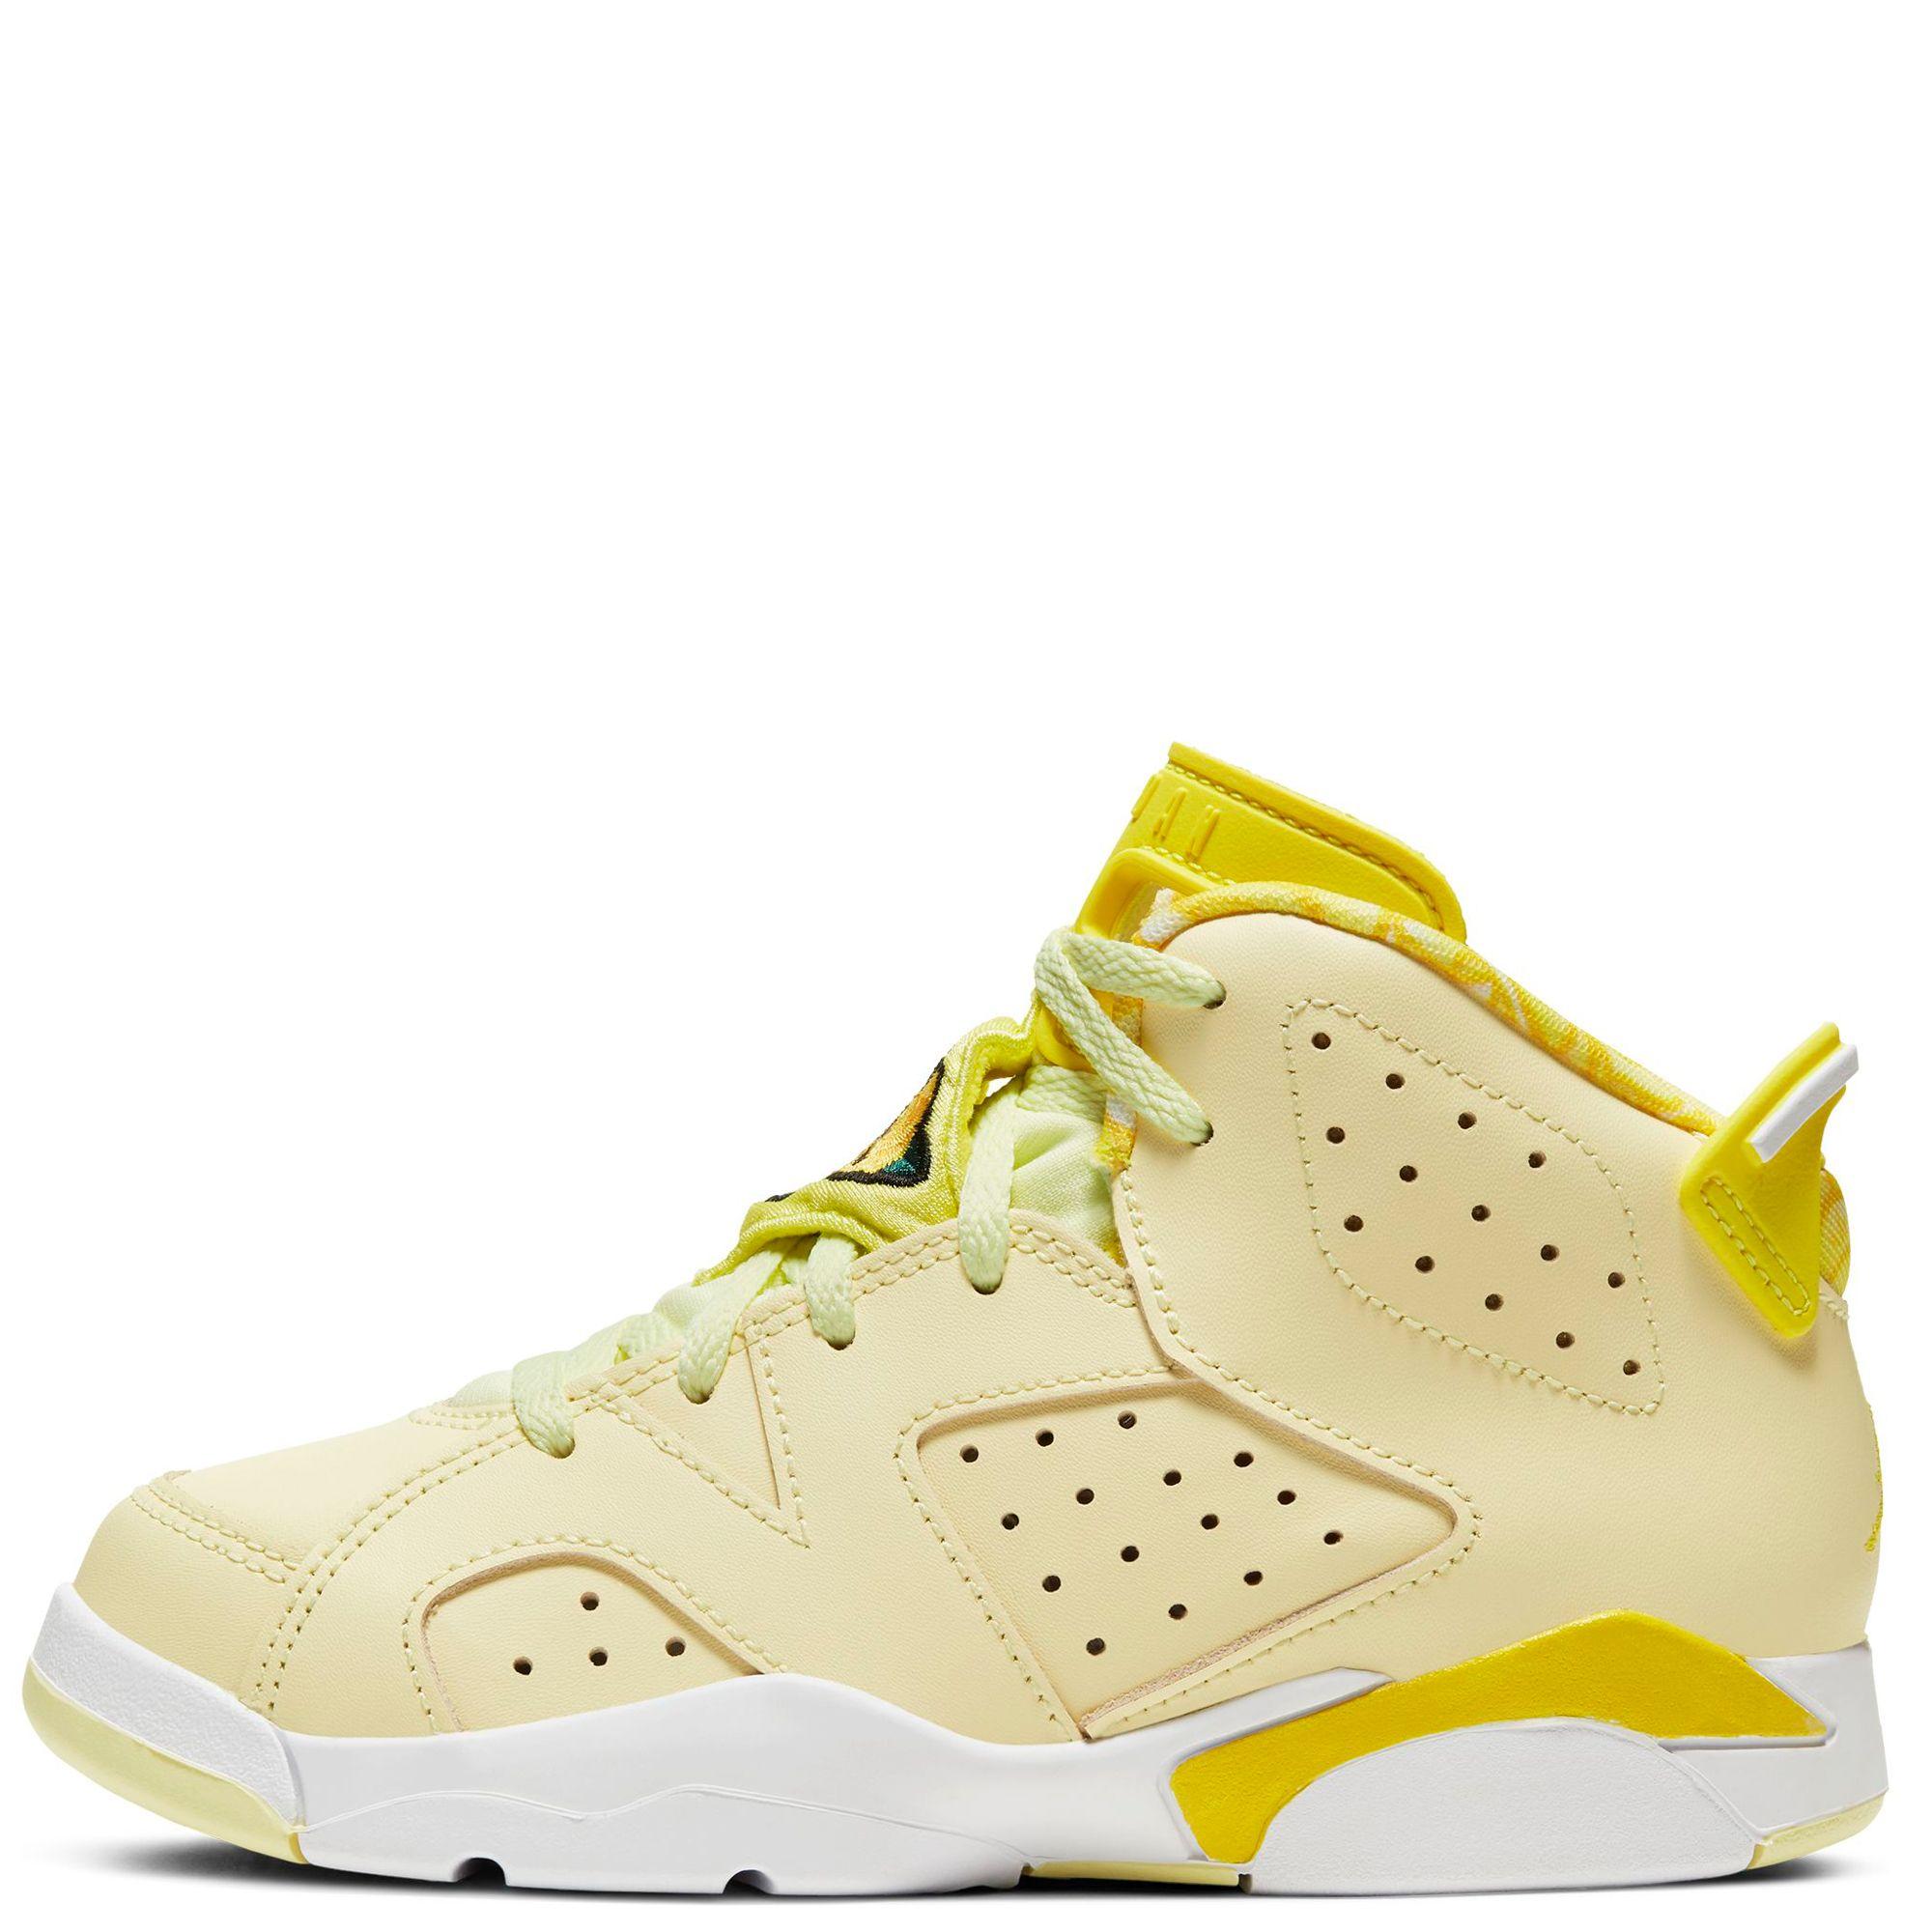 air jordan 6 sneakers